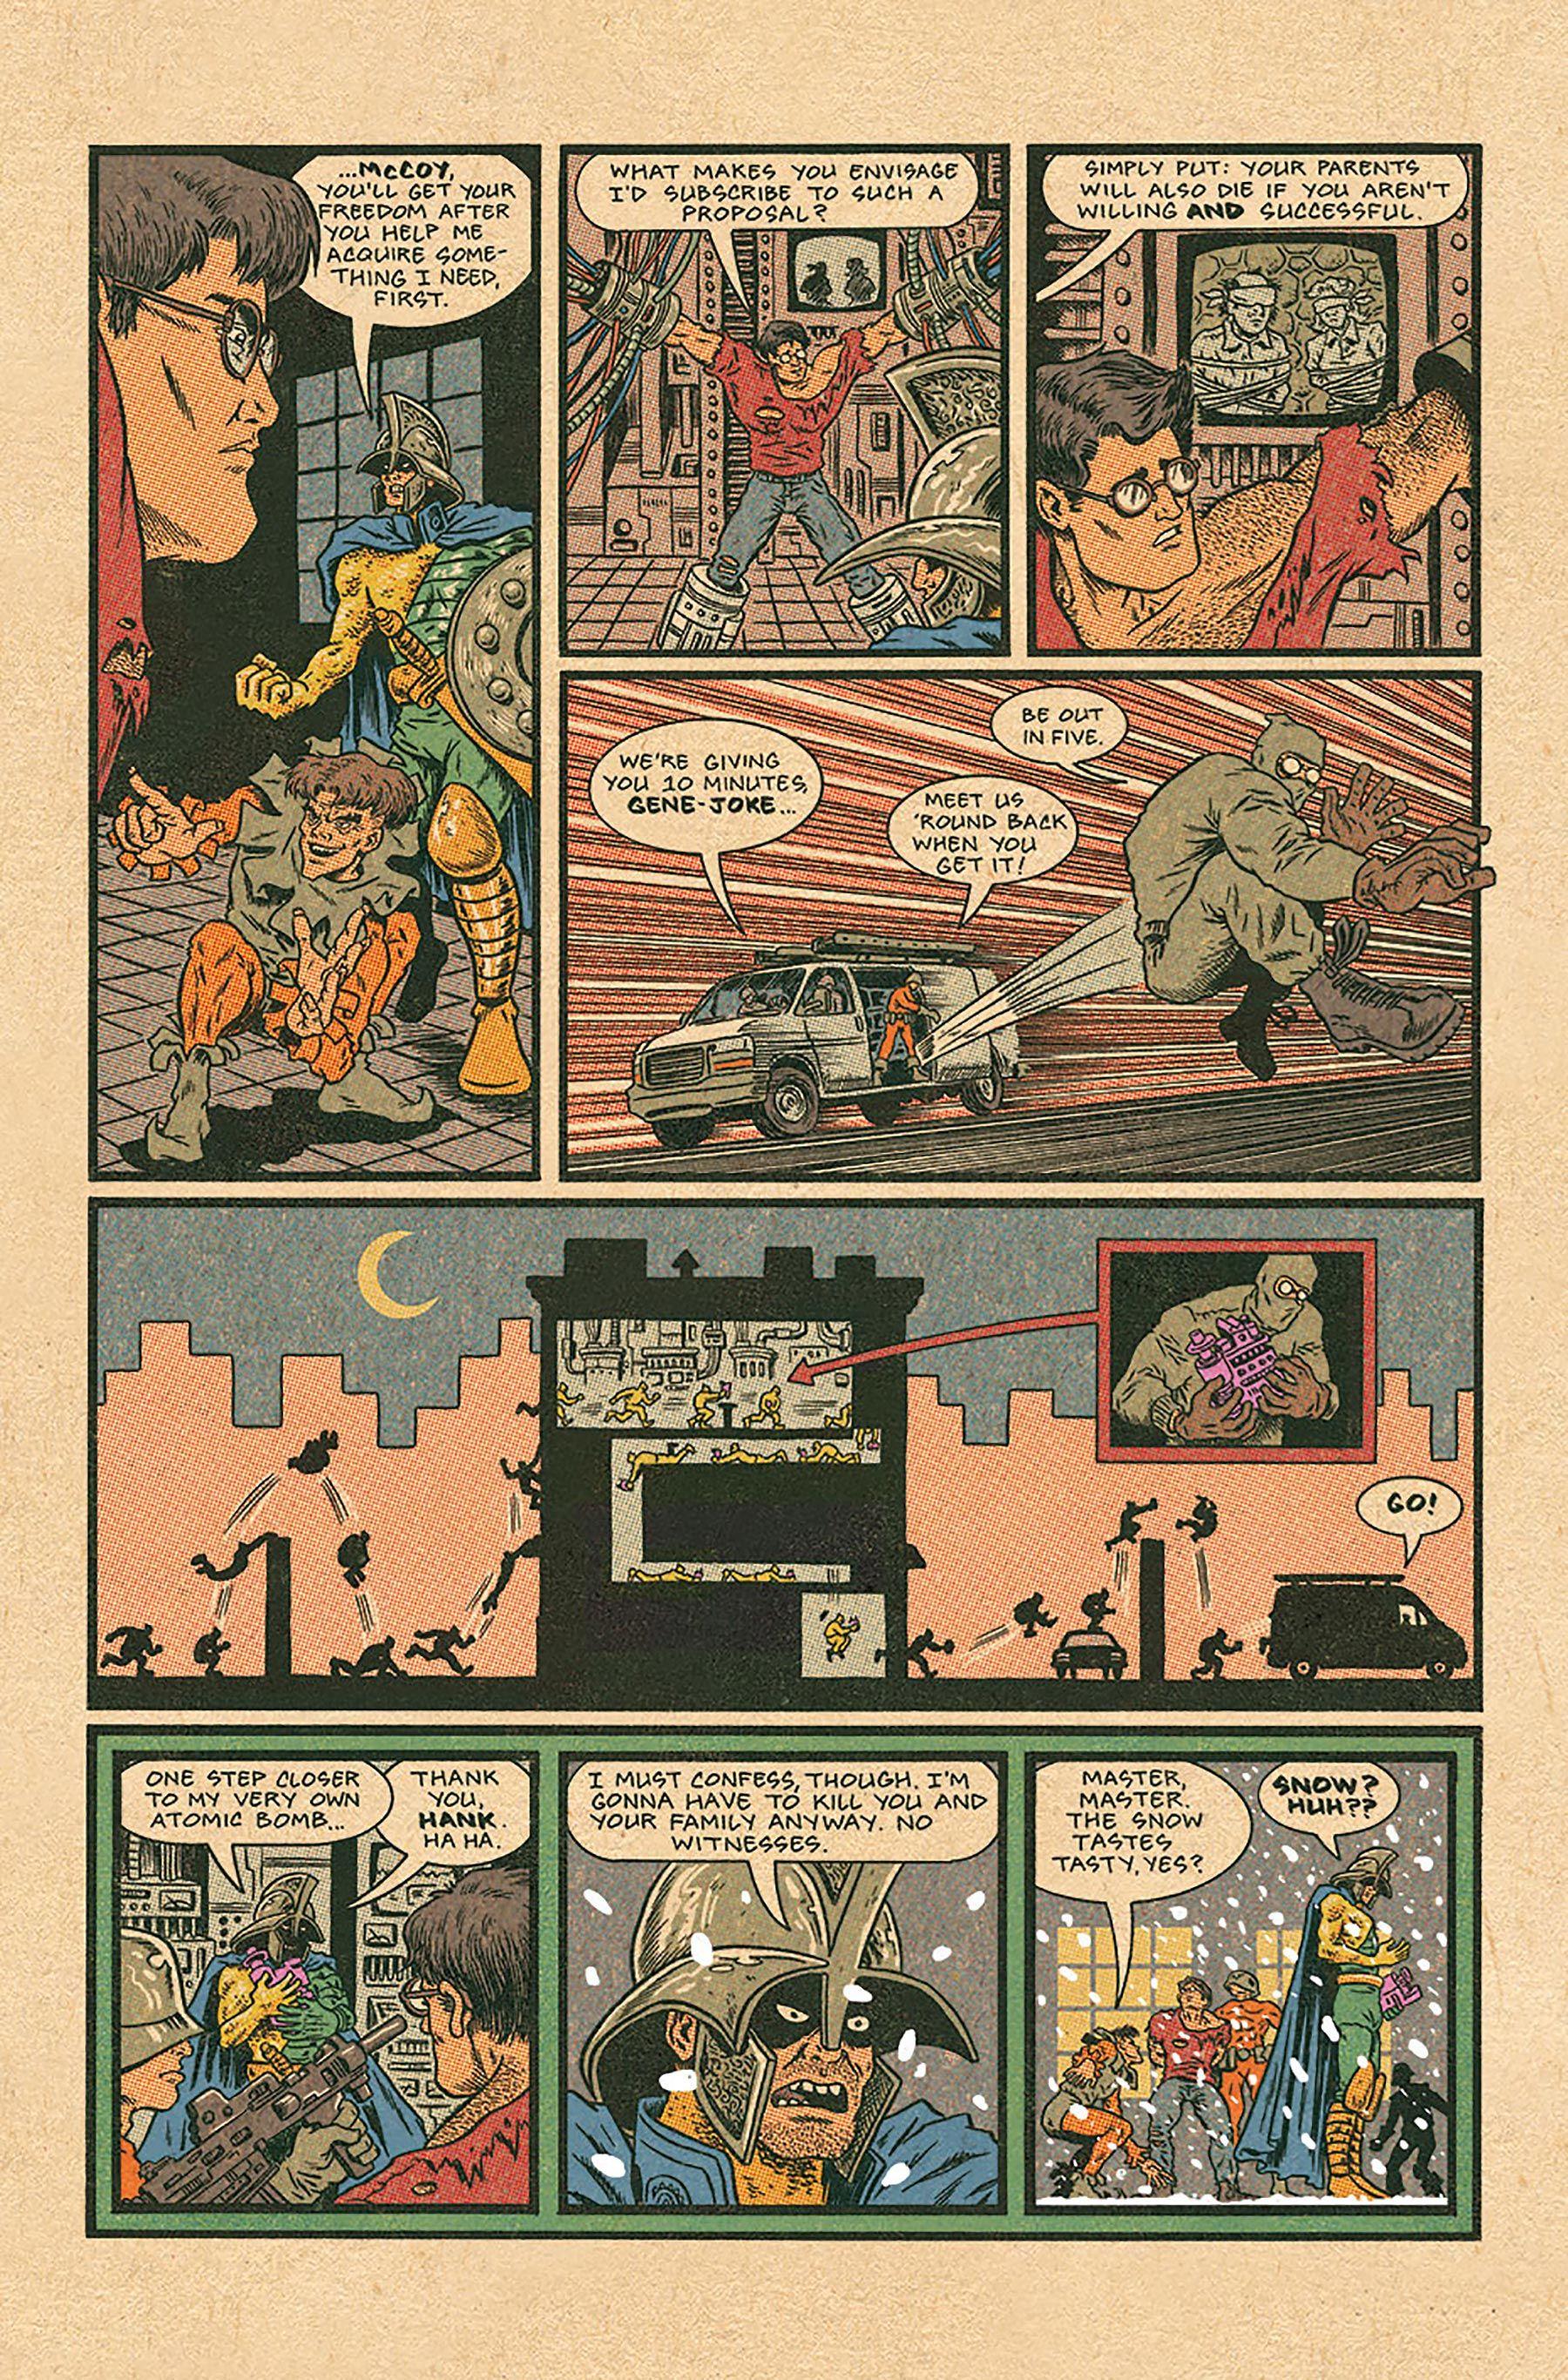 In X Men Grand Design Ed Piskor Tells The Superheroes Whole Story Grand Designs Superhero X Men